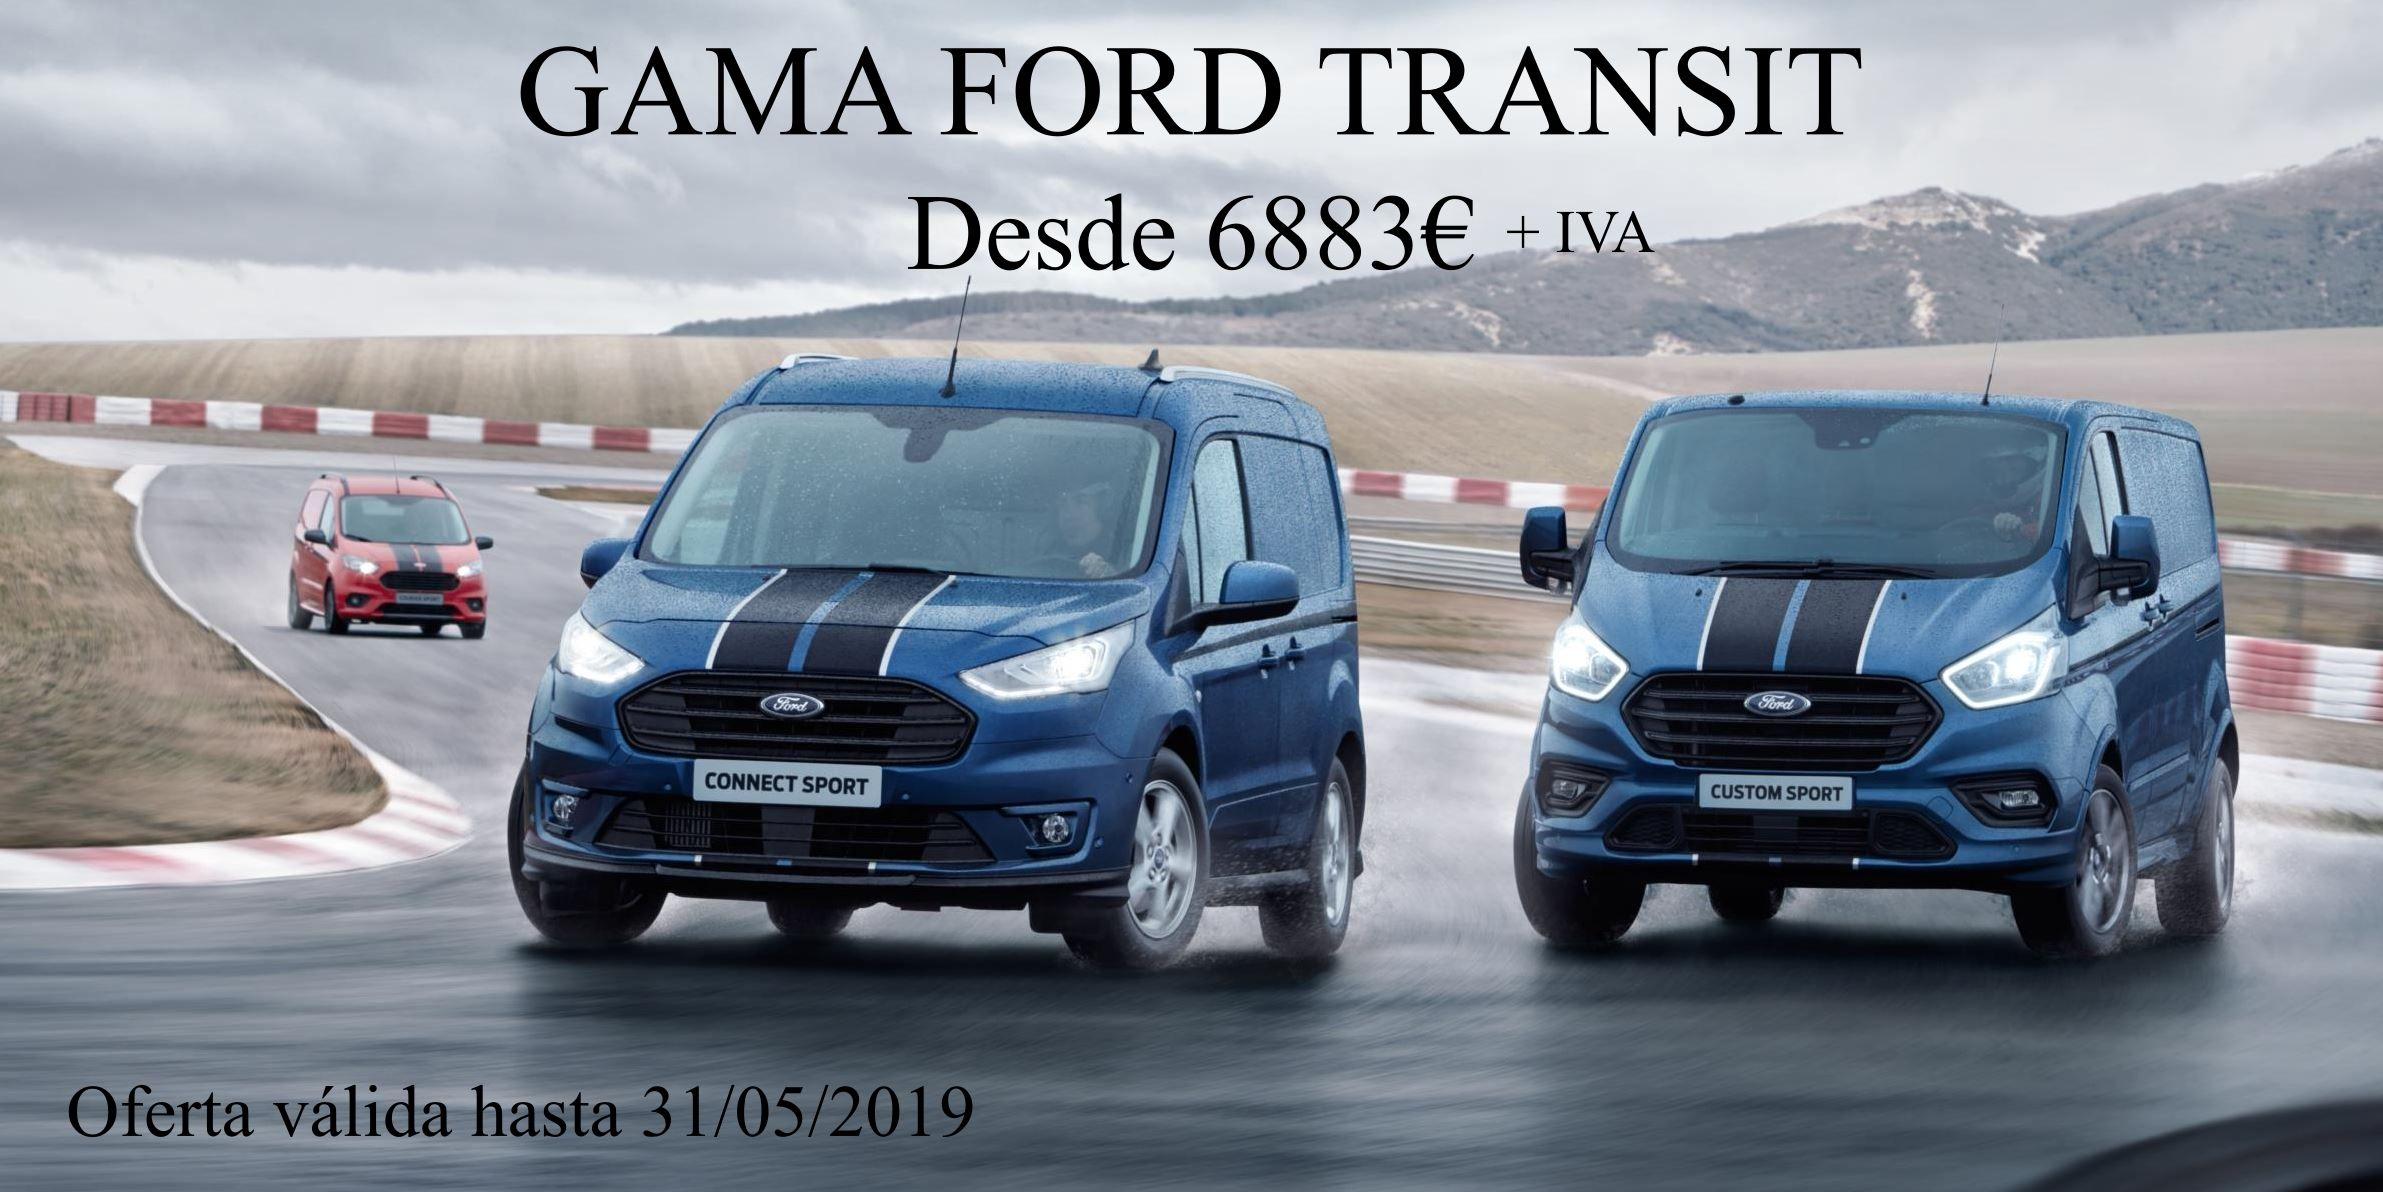 GAMA FORD TRANSIT DESDE 6883€